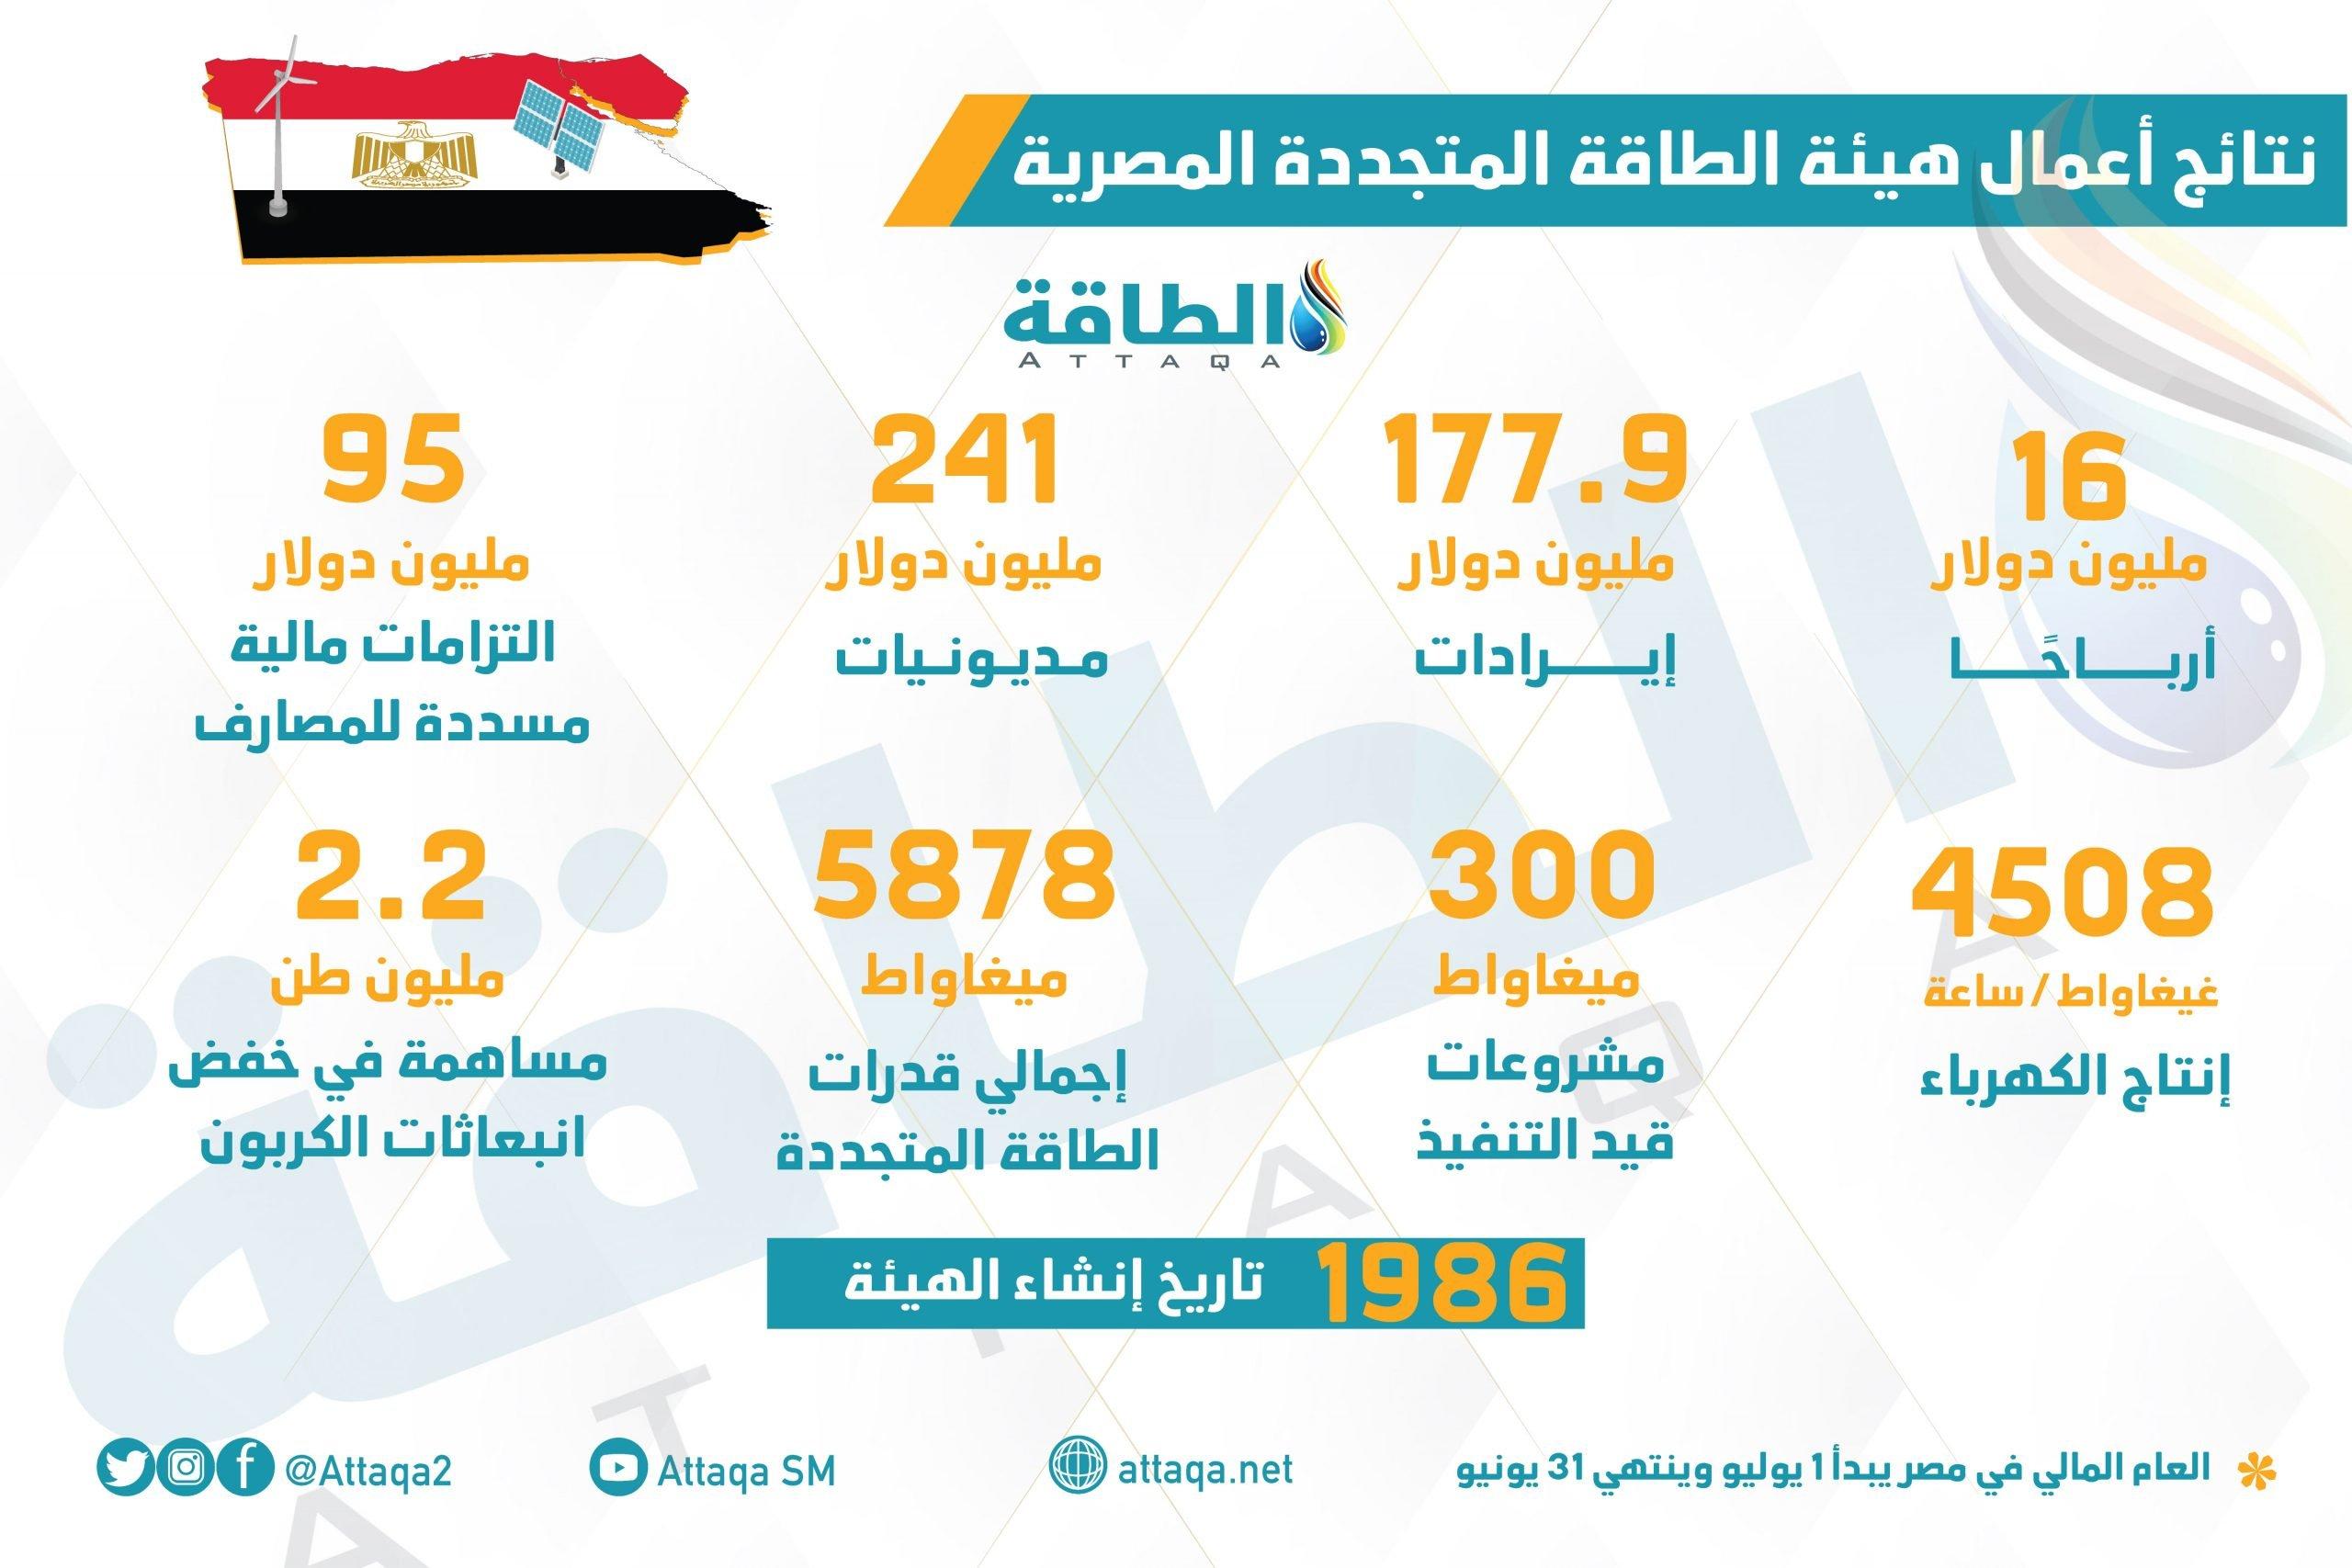 هيئة الطاقة المتجددة المصرية